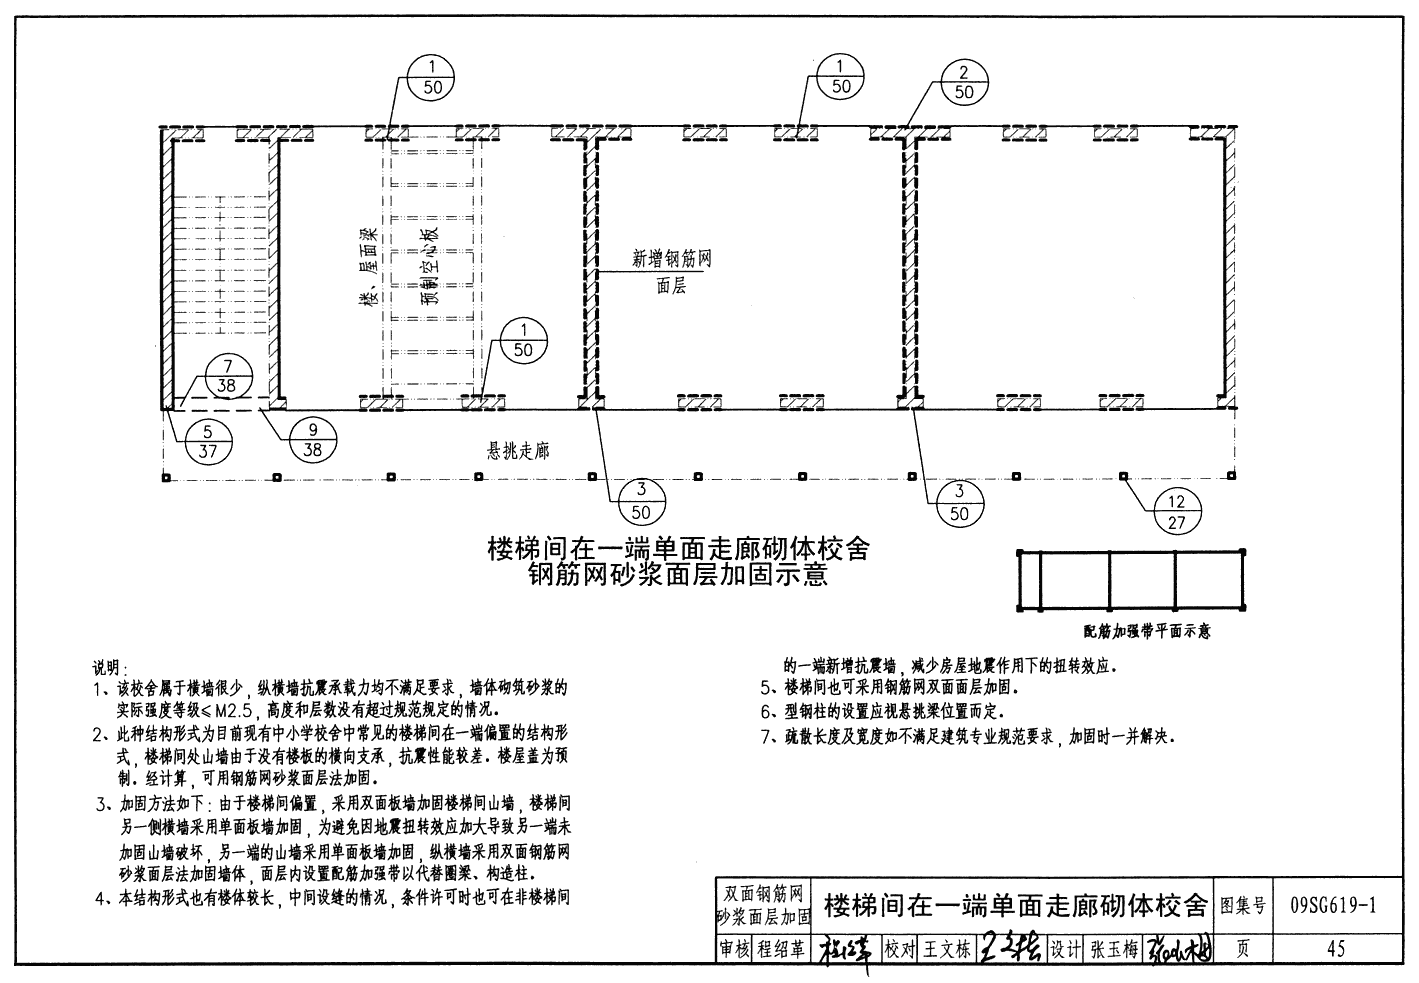 目录 目录 1 总说明 4 砌体结构 砌体结构抗震加固一般说明 9 砌体